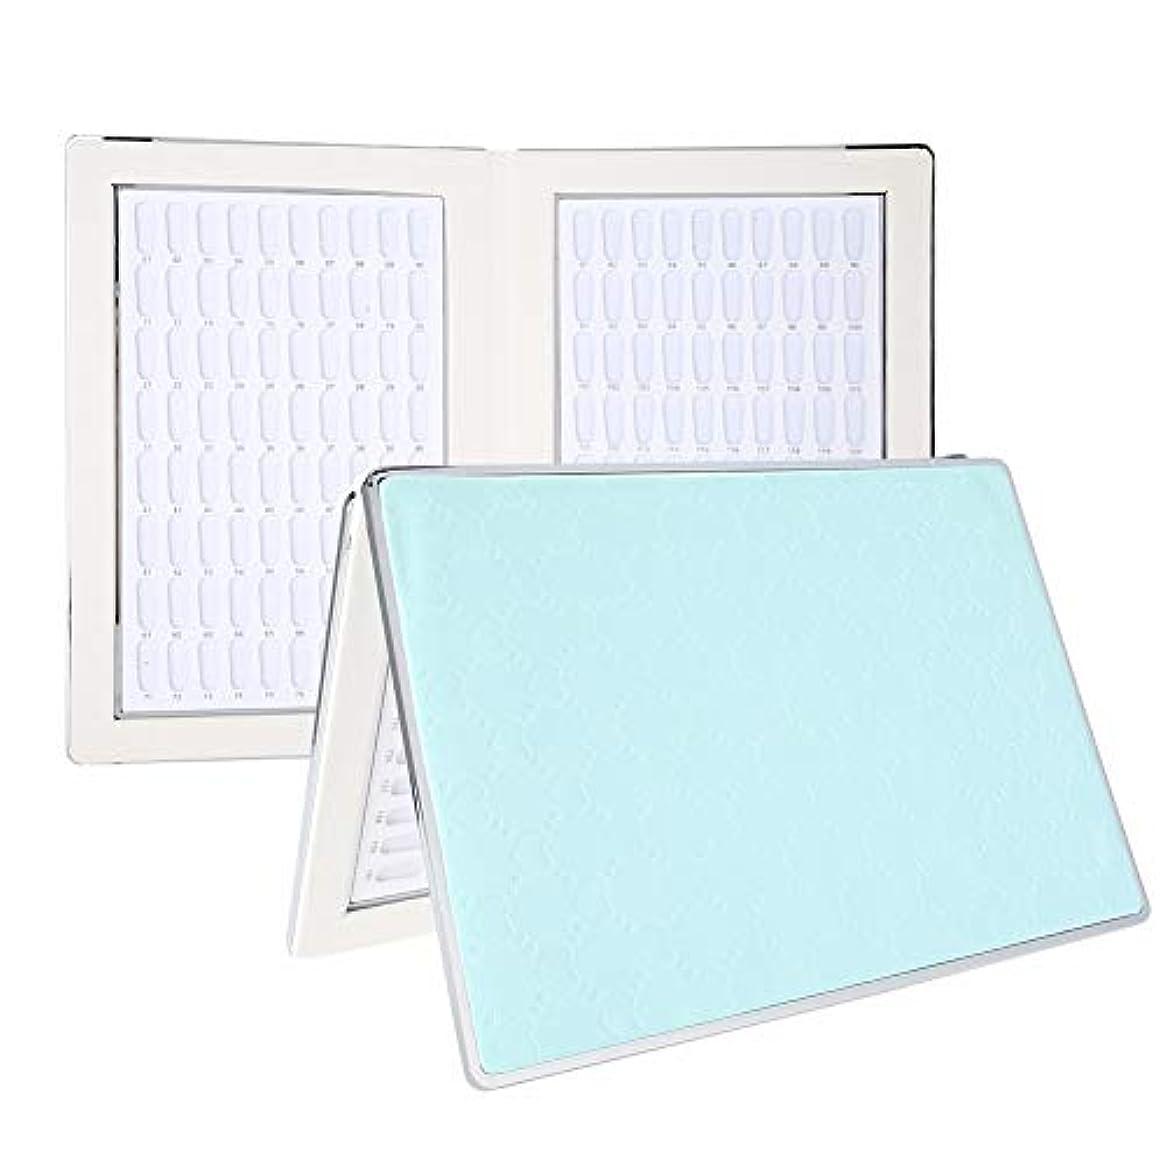 キルス吸収剤過激派ネイルアートディスプレイ 160 ディスプレイスタンド アクセサリー プラスチック板 ネイルポリッシュカラー ディスプレイ サロン (2)